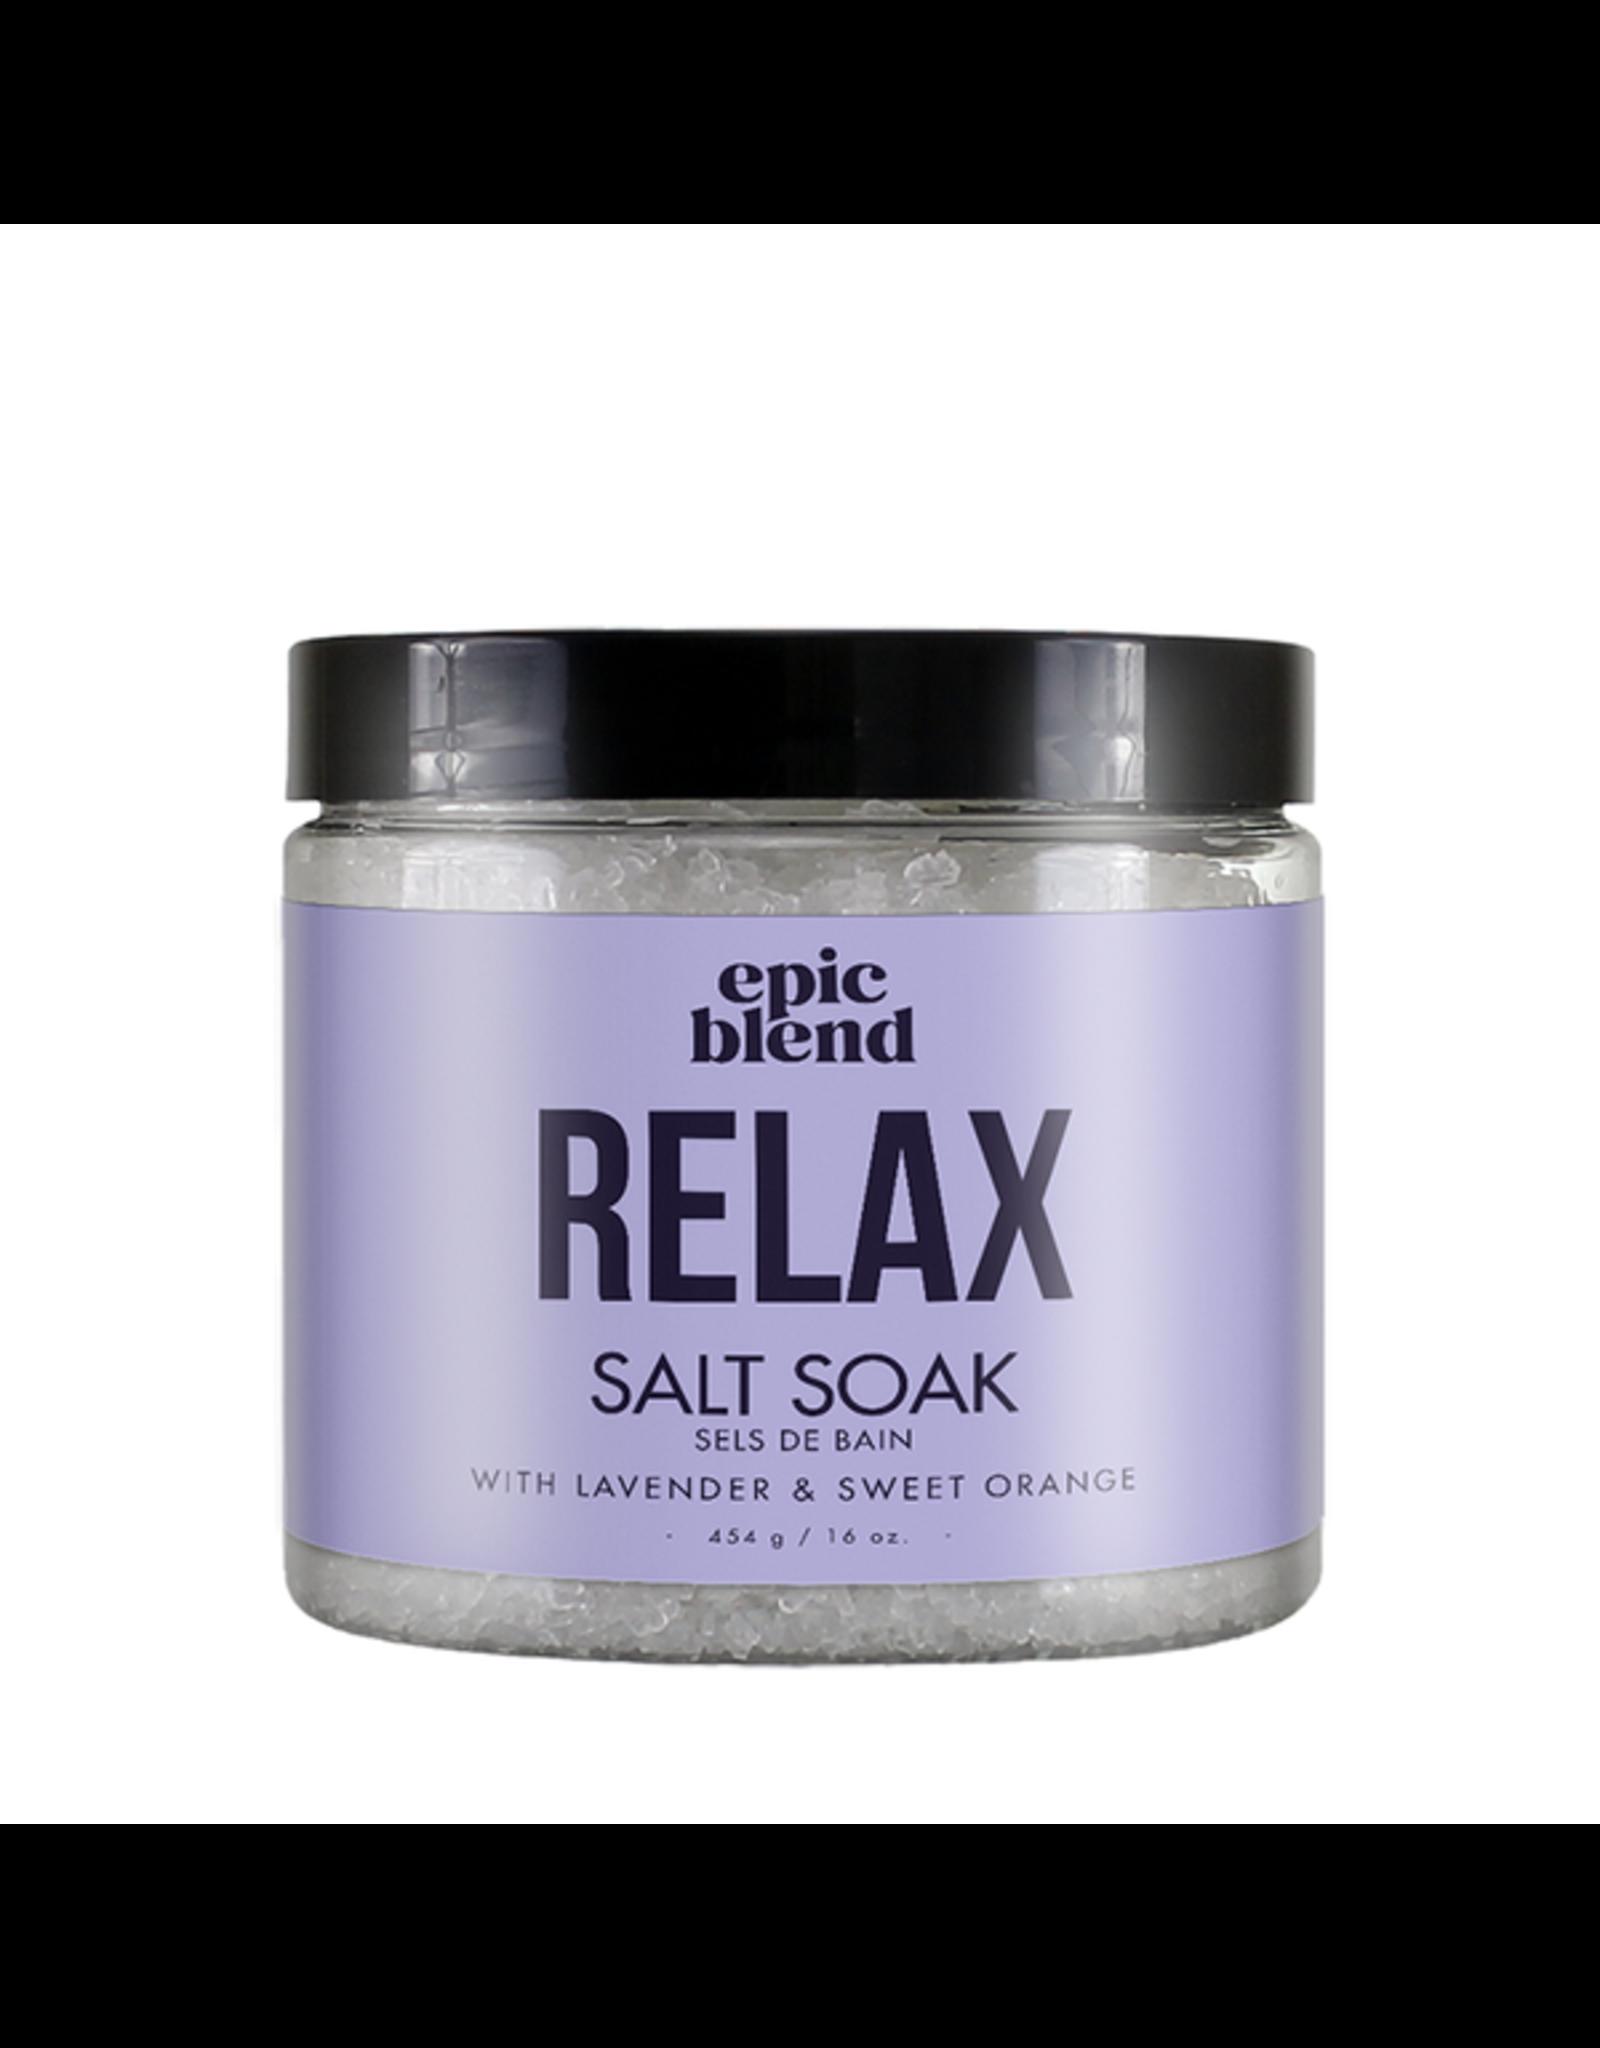 Epic Blend Relax Salt Soak